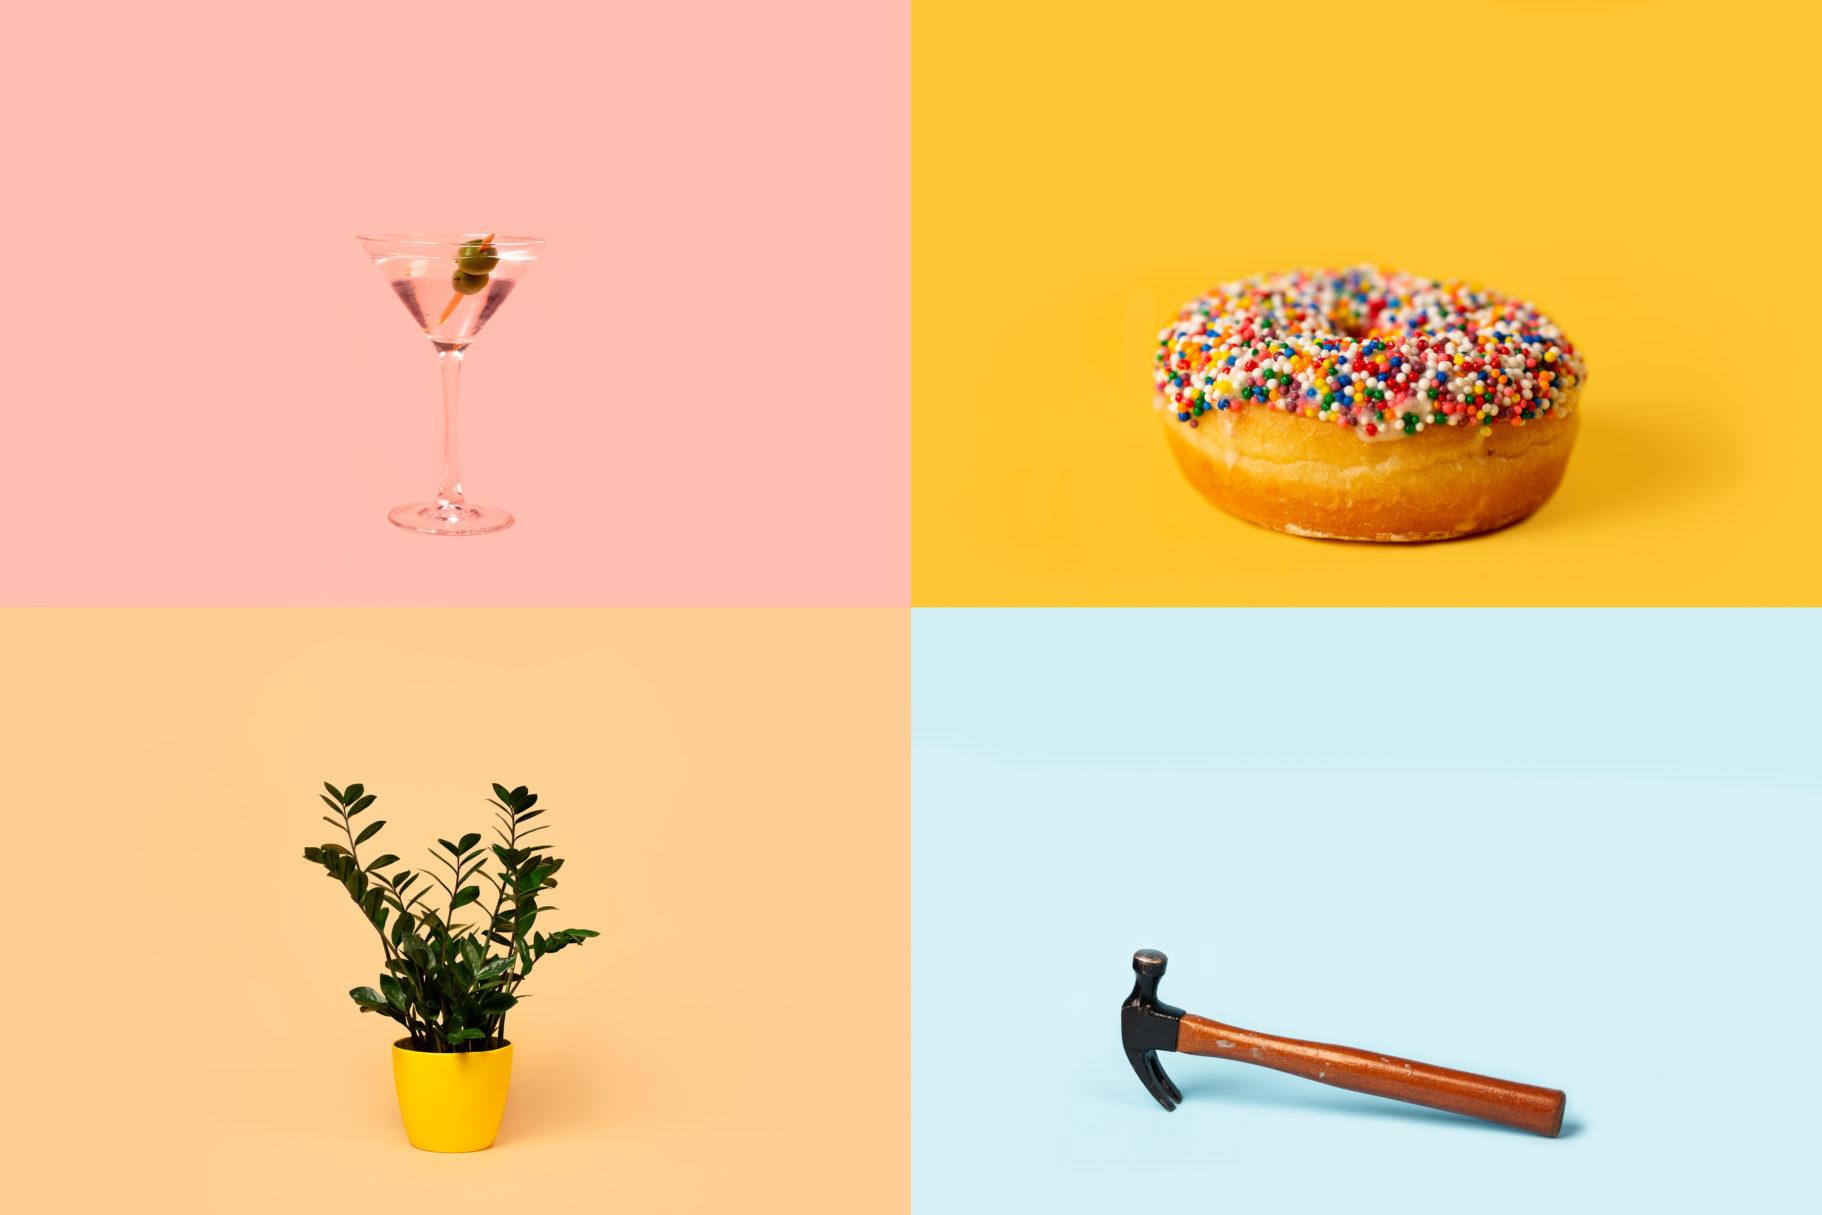 Un verre, une beigne, une plante, un marteau.